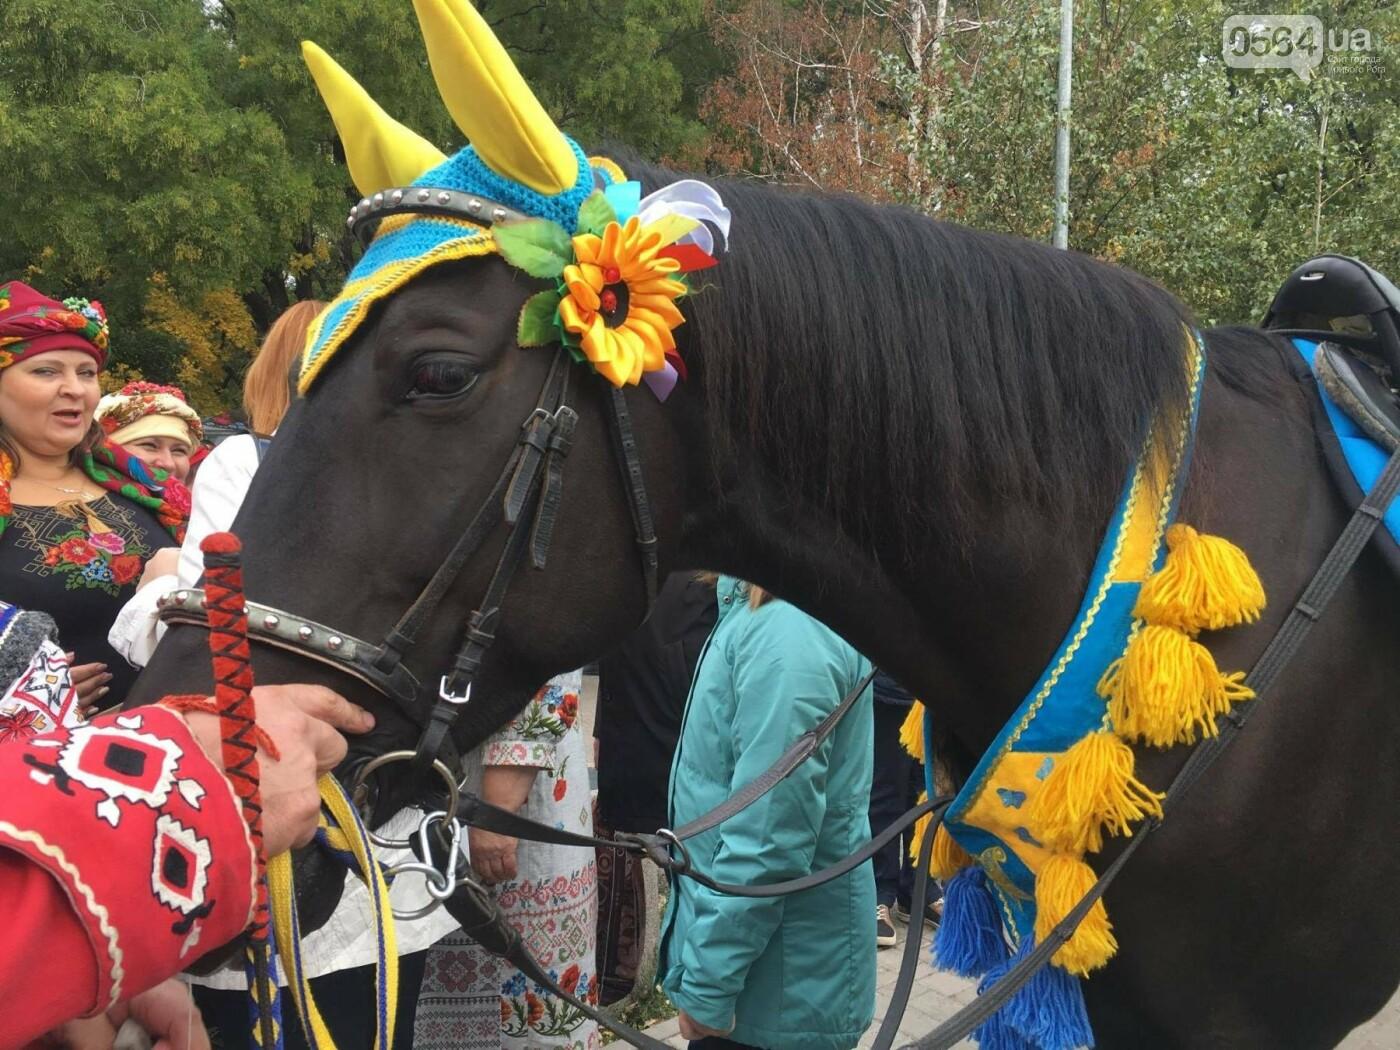 Тысячи криворожан отмечают День украинского козачества на Фестивале в парке Героев (ФОТО, ВИДЕО), фото-19